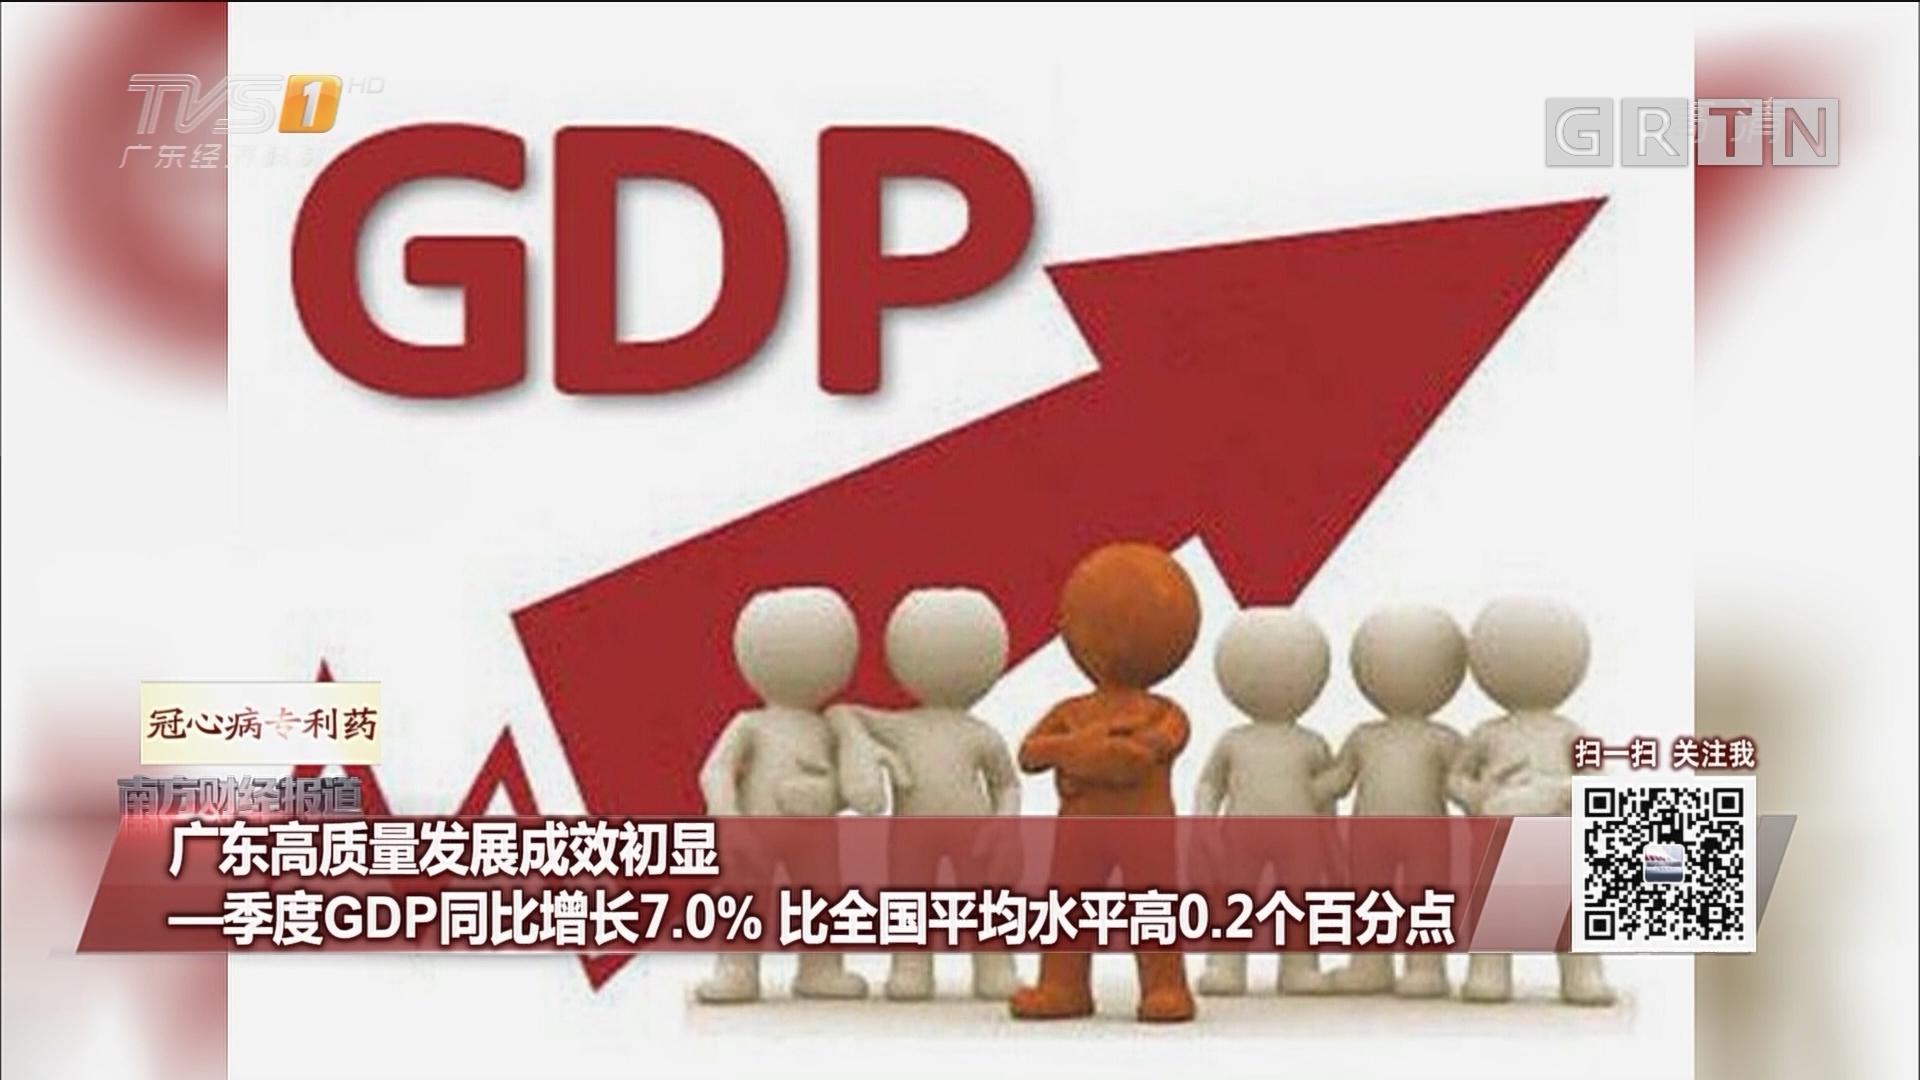 广东高质量发展成效初显 一季度GDP同比增长7.0% 比全国平均水平高0.2个百分点